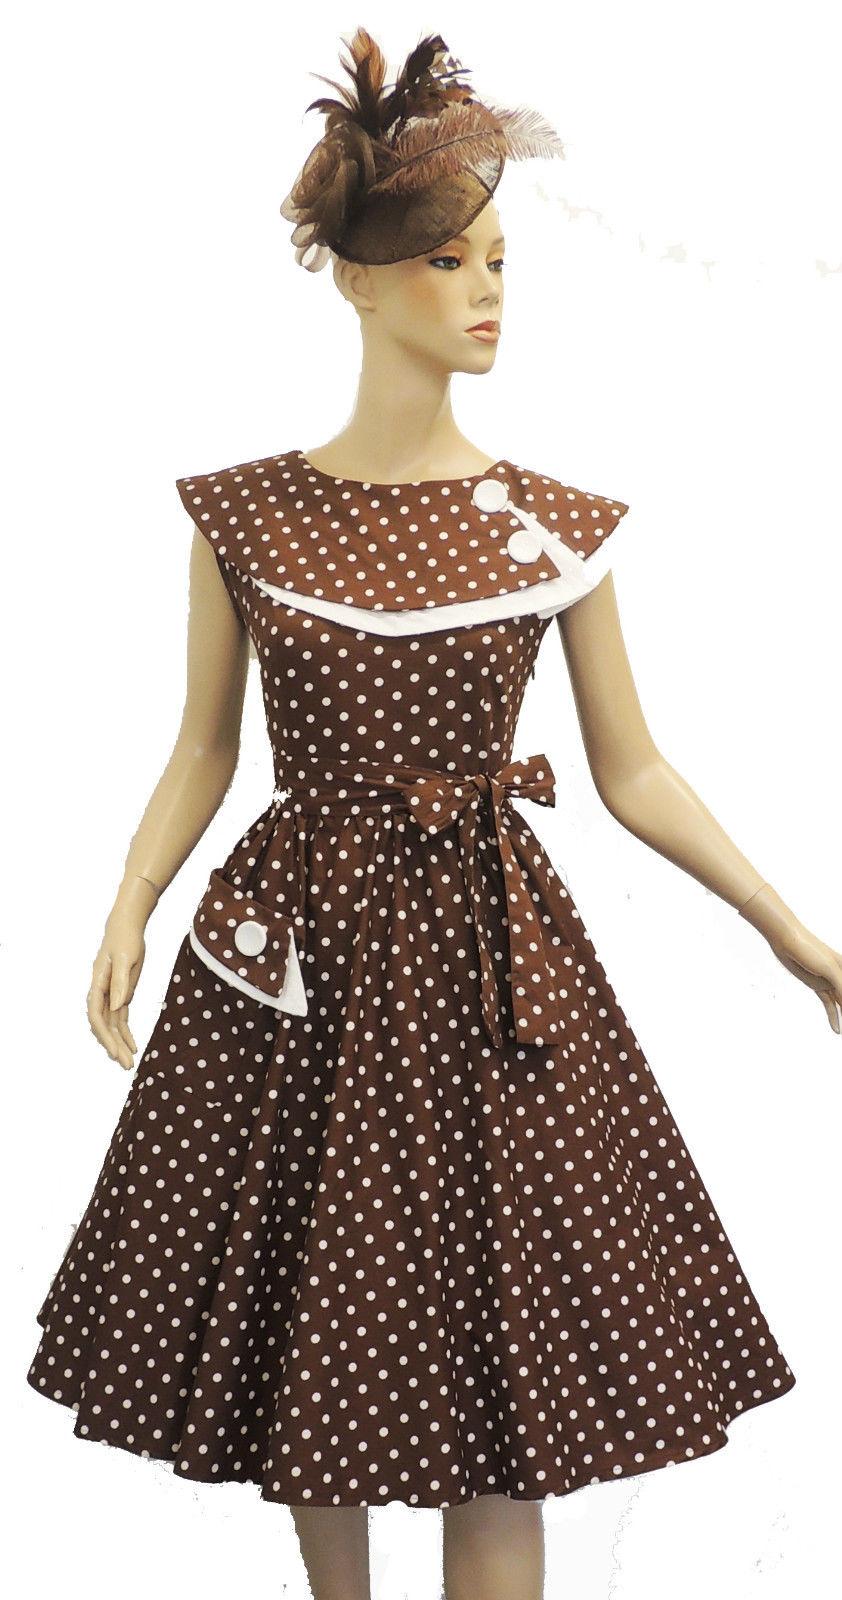 New Rosa Rosa Vtg 1950s Retro Polka Dot Rockabilly Party